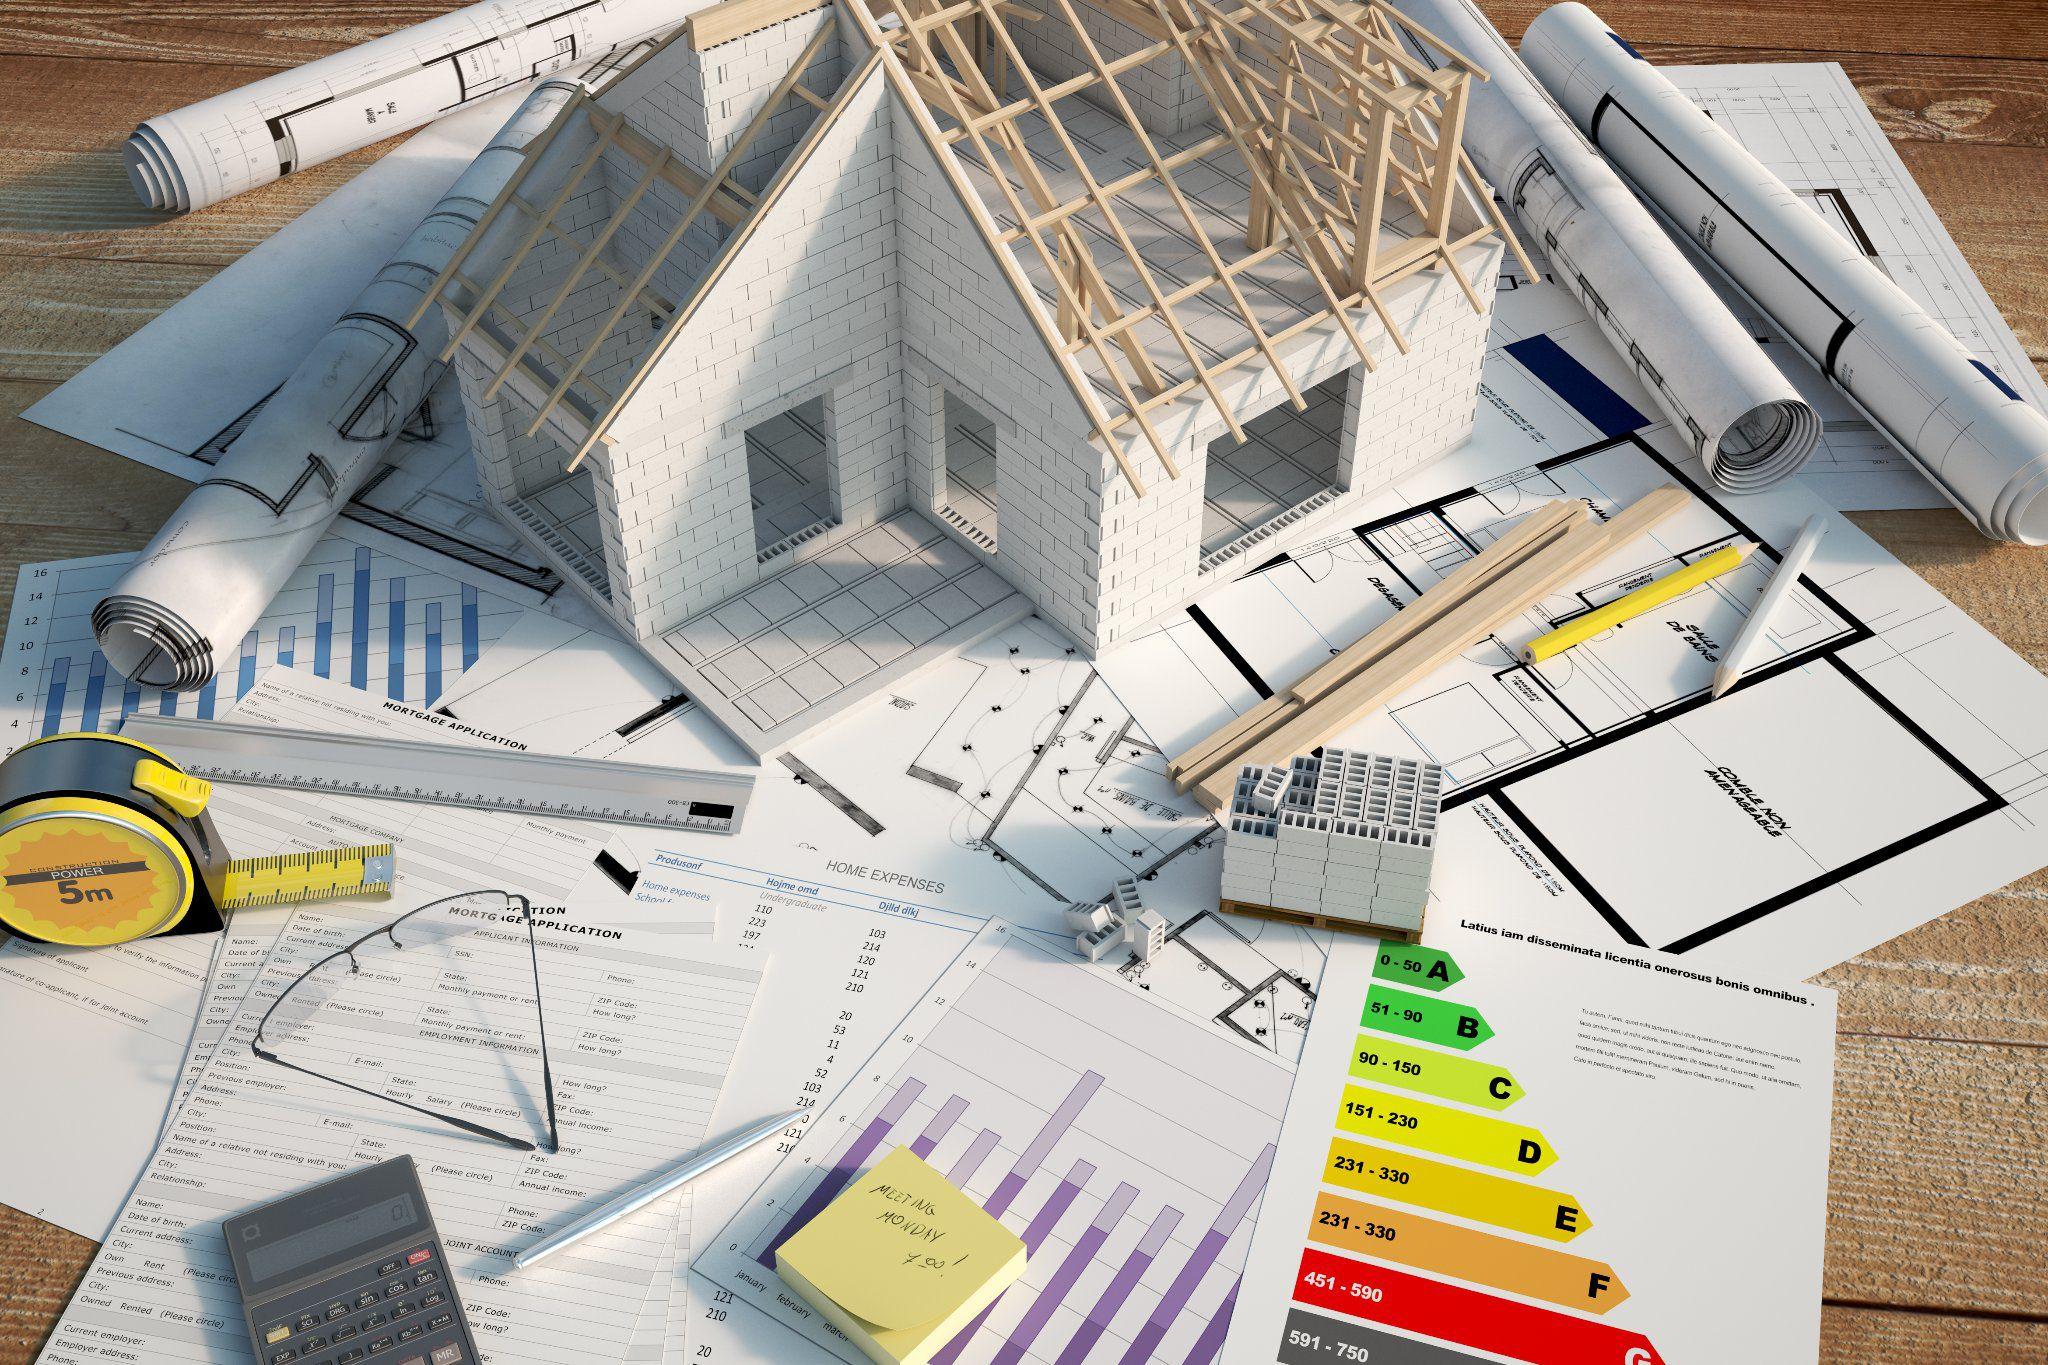 Les travaux de rénovations énergétiques : quelle priorité ?